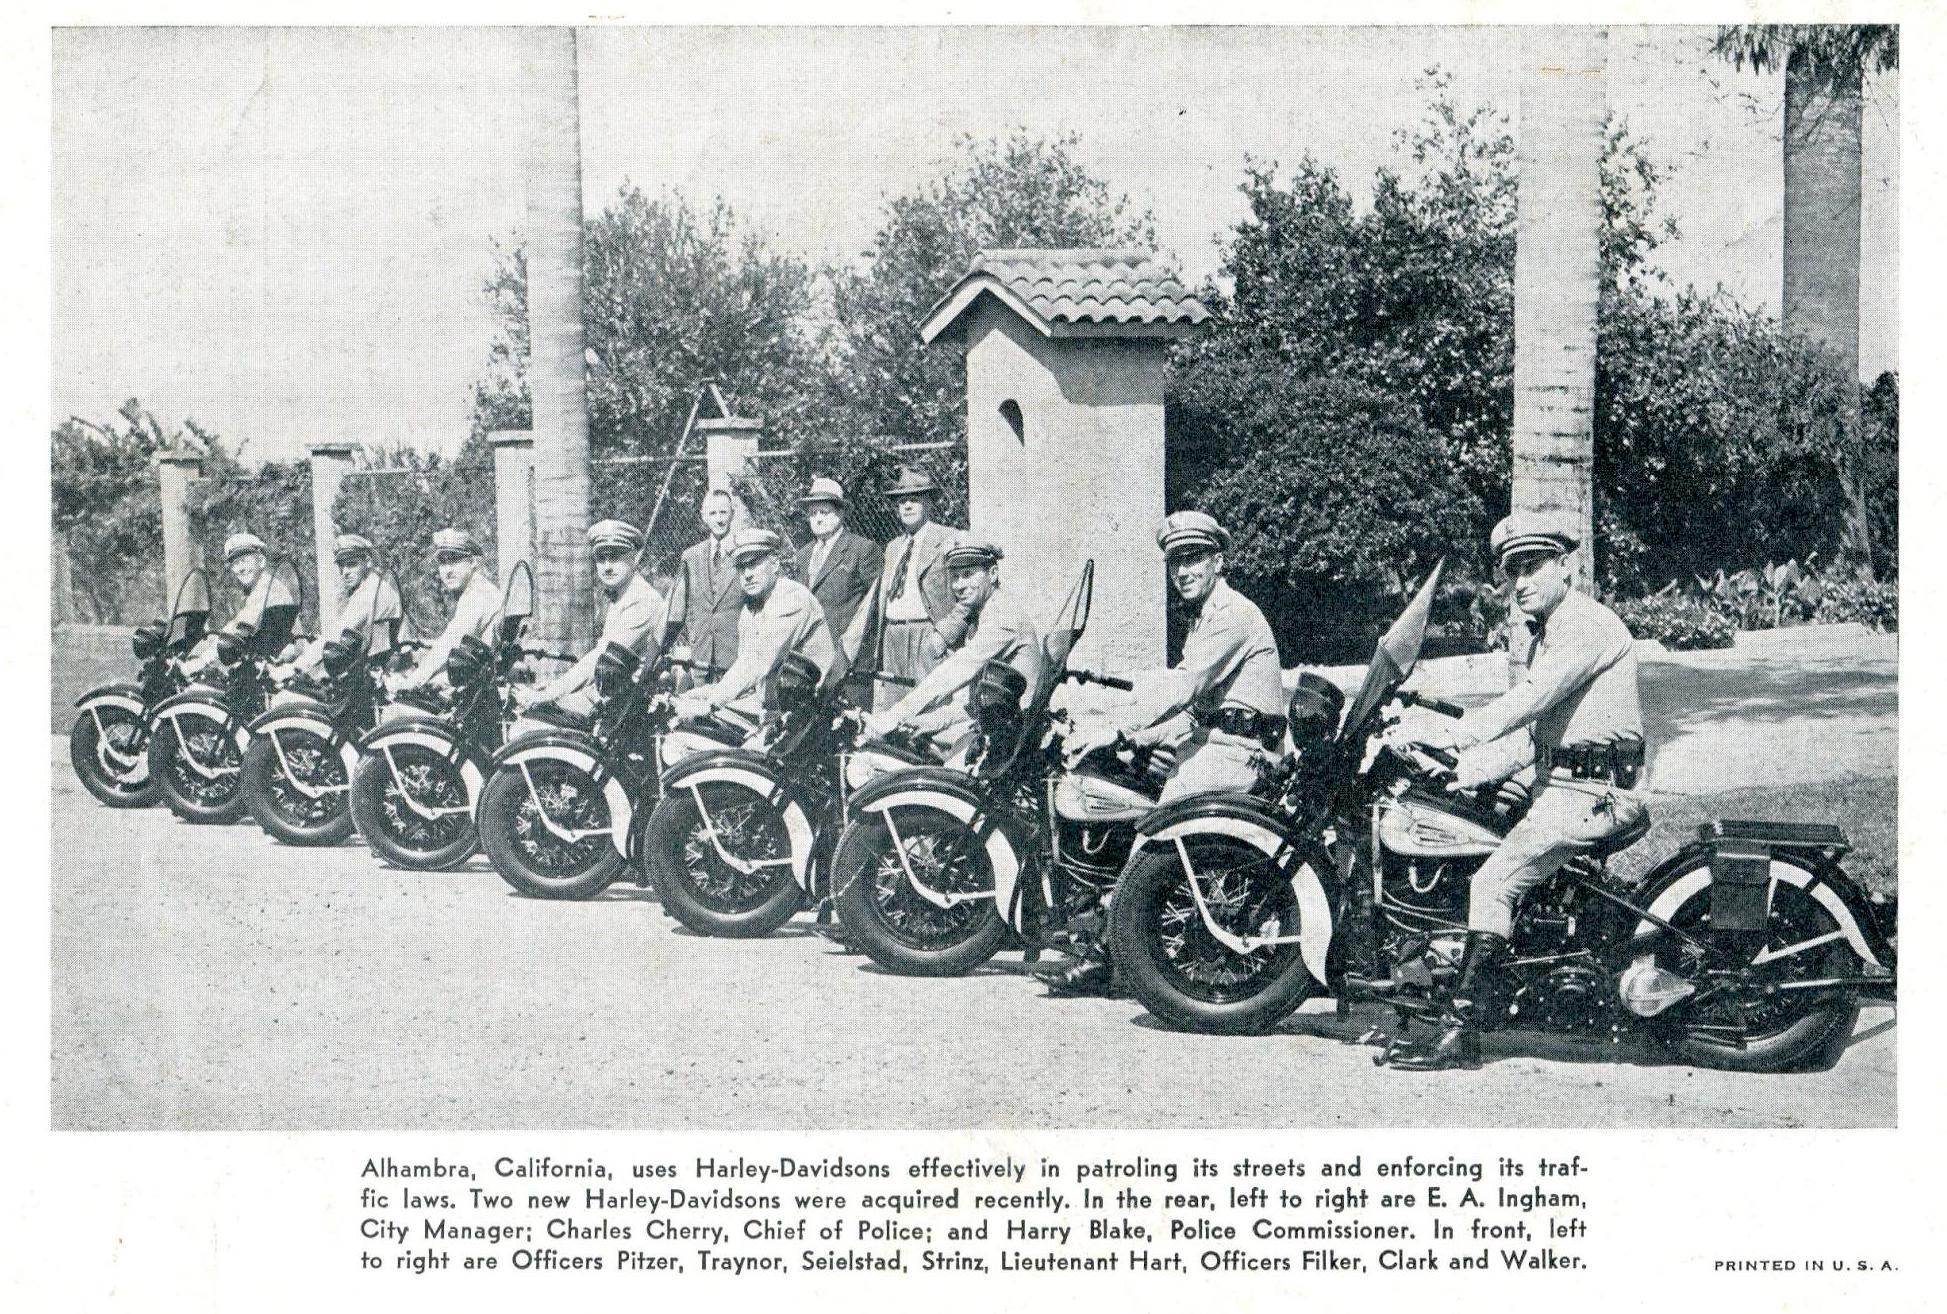 Policía de Alhambra, California